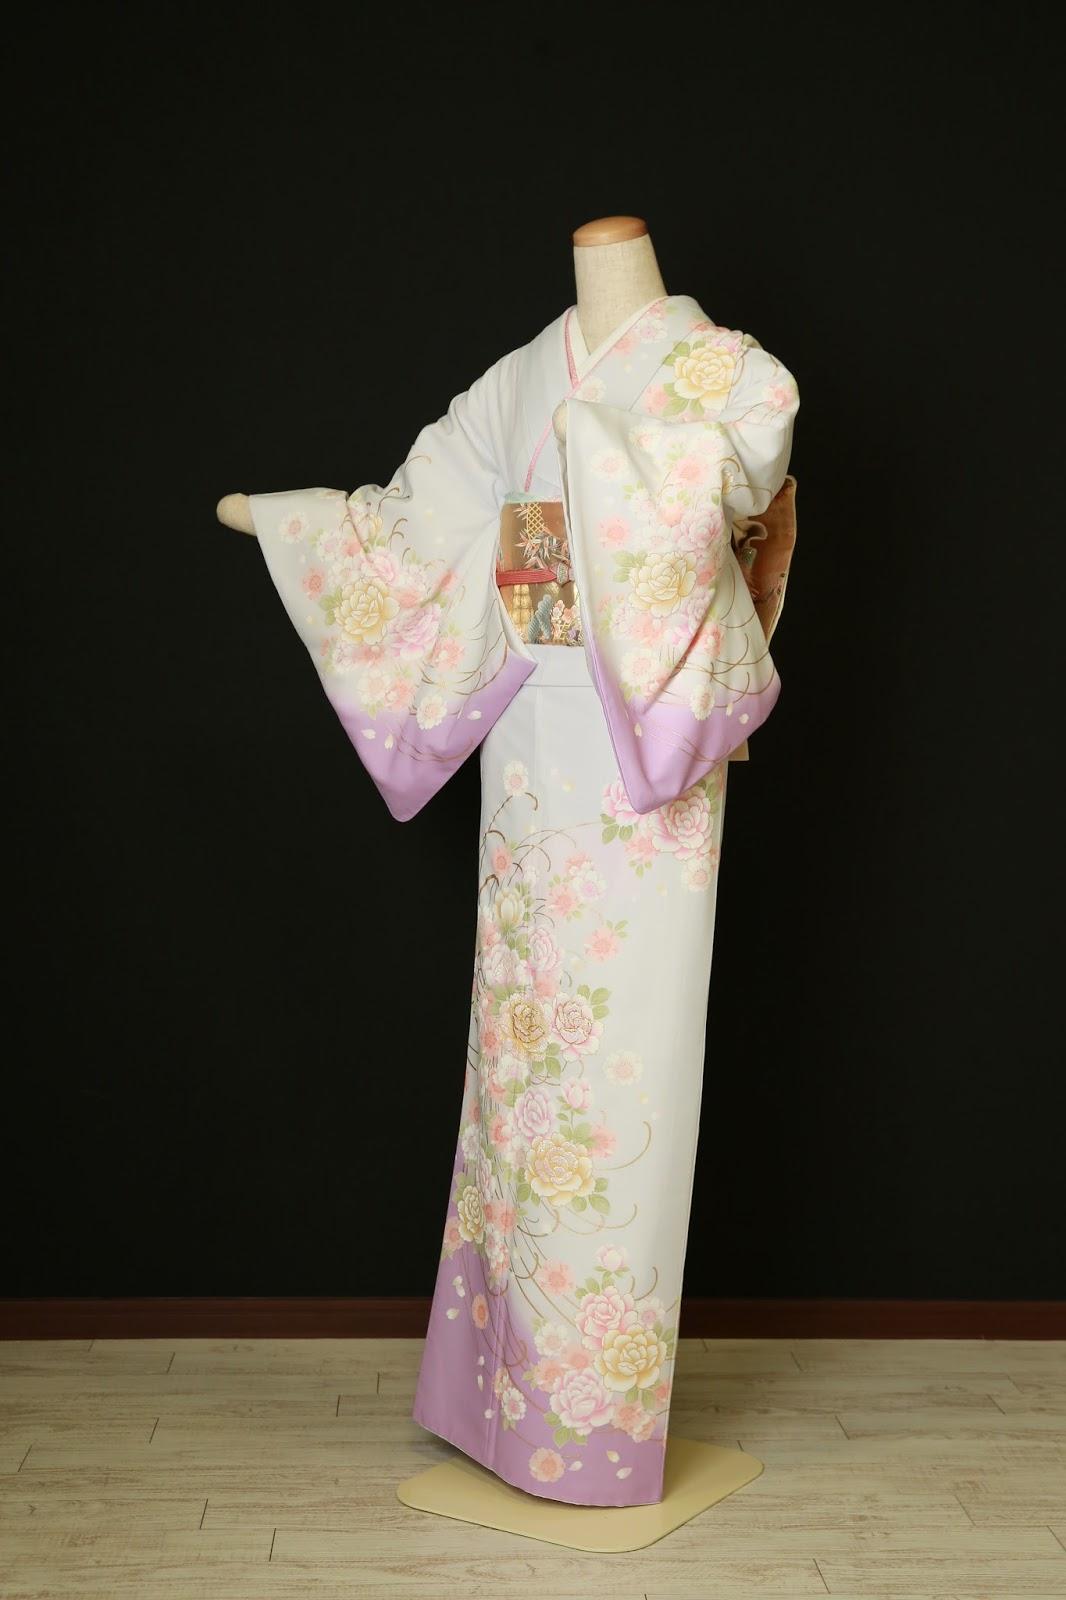 衣装カタログ   スタジオパセラ横浜関内店   SH-003紫 着丈162cm/裄69cm※帯・小物類はイメージの為、写真とは別の物になる場合があります。